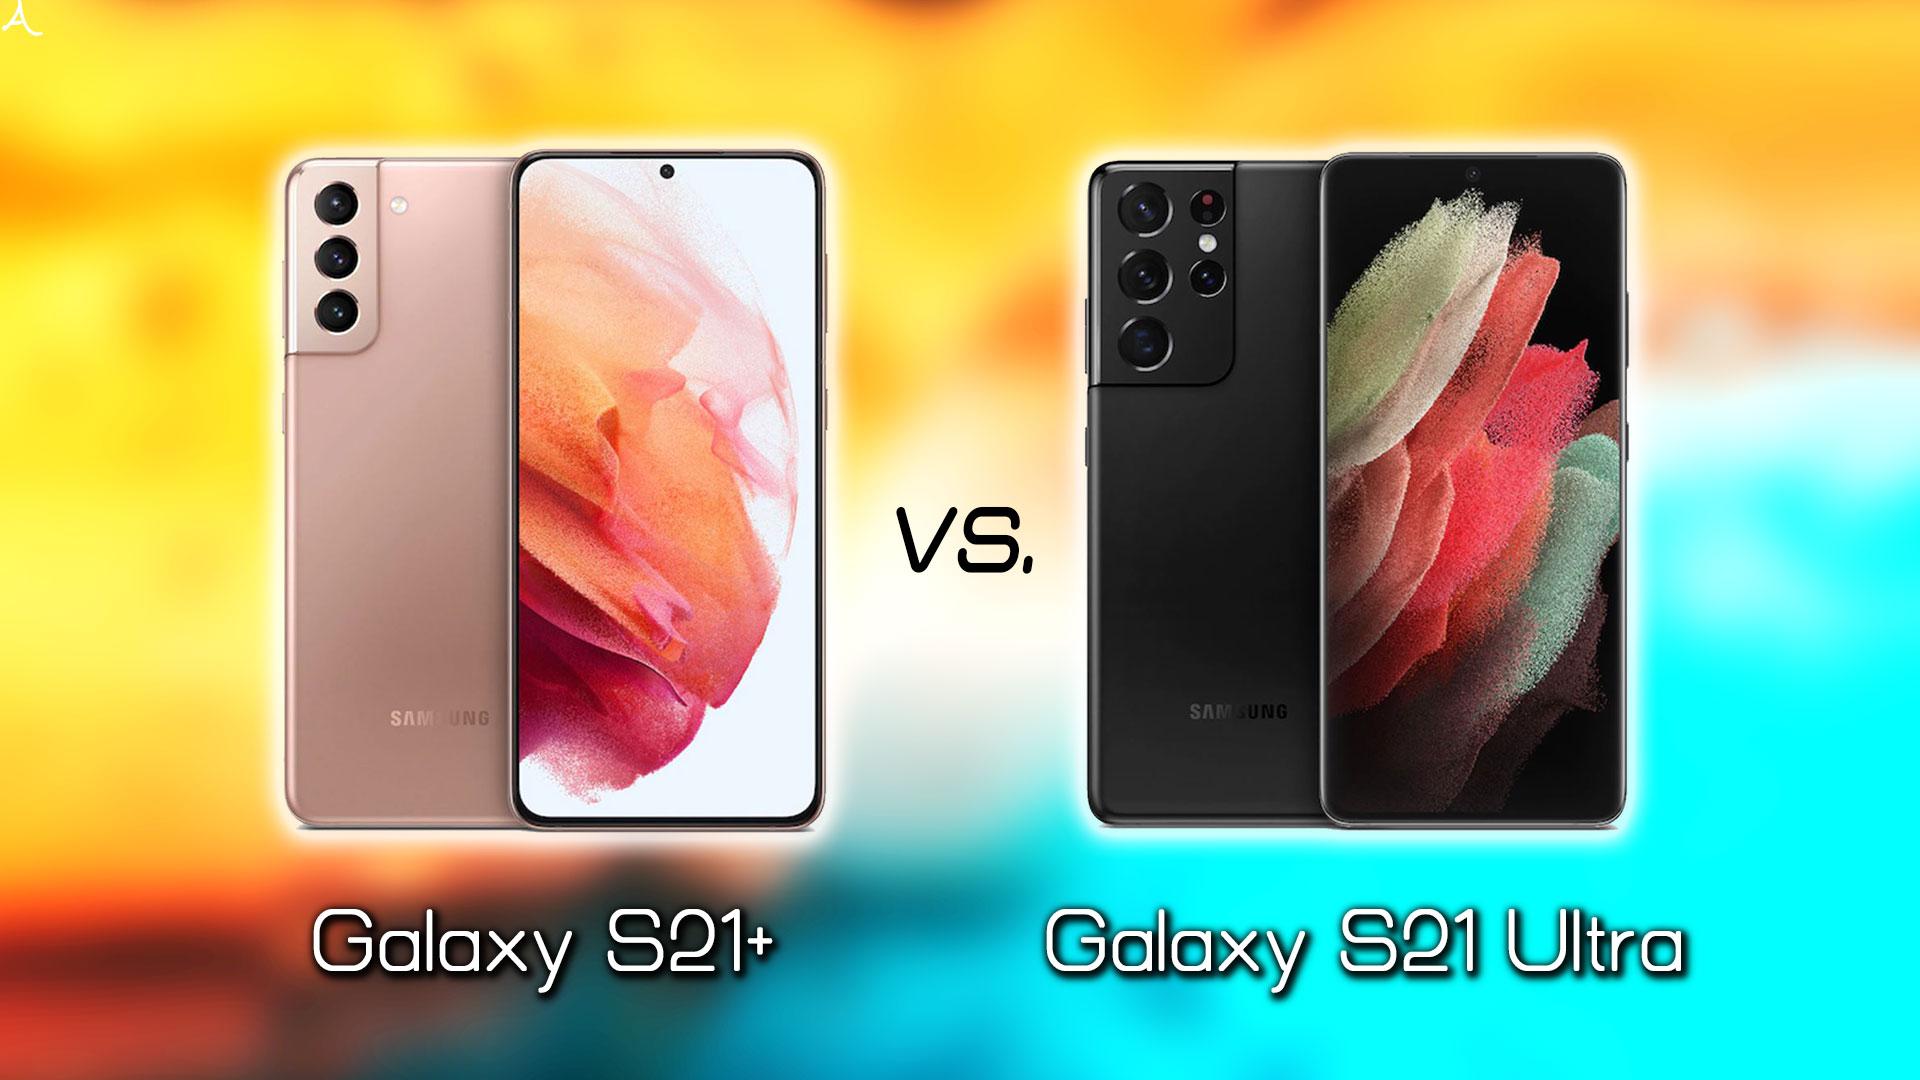 「Galaxy S21+(プラス)」と「Galaxy S21 Ultra」の違いを比較:どっちを買う?